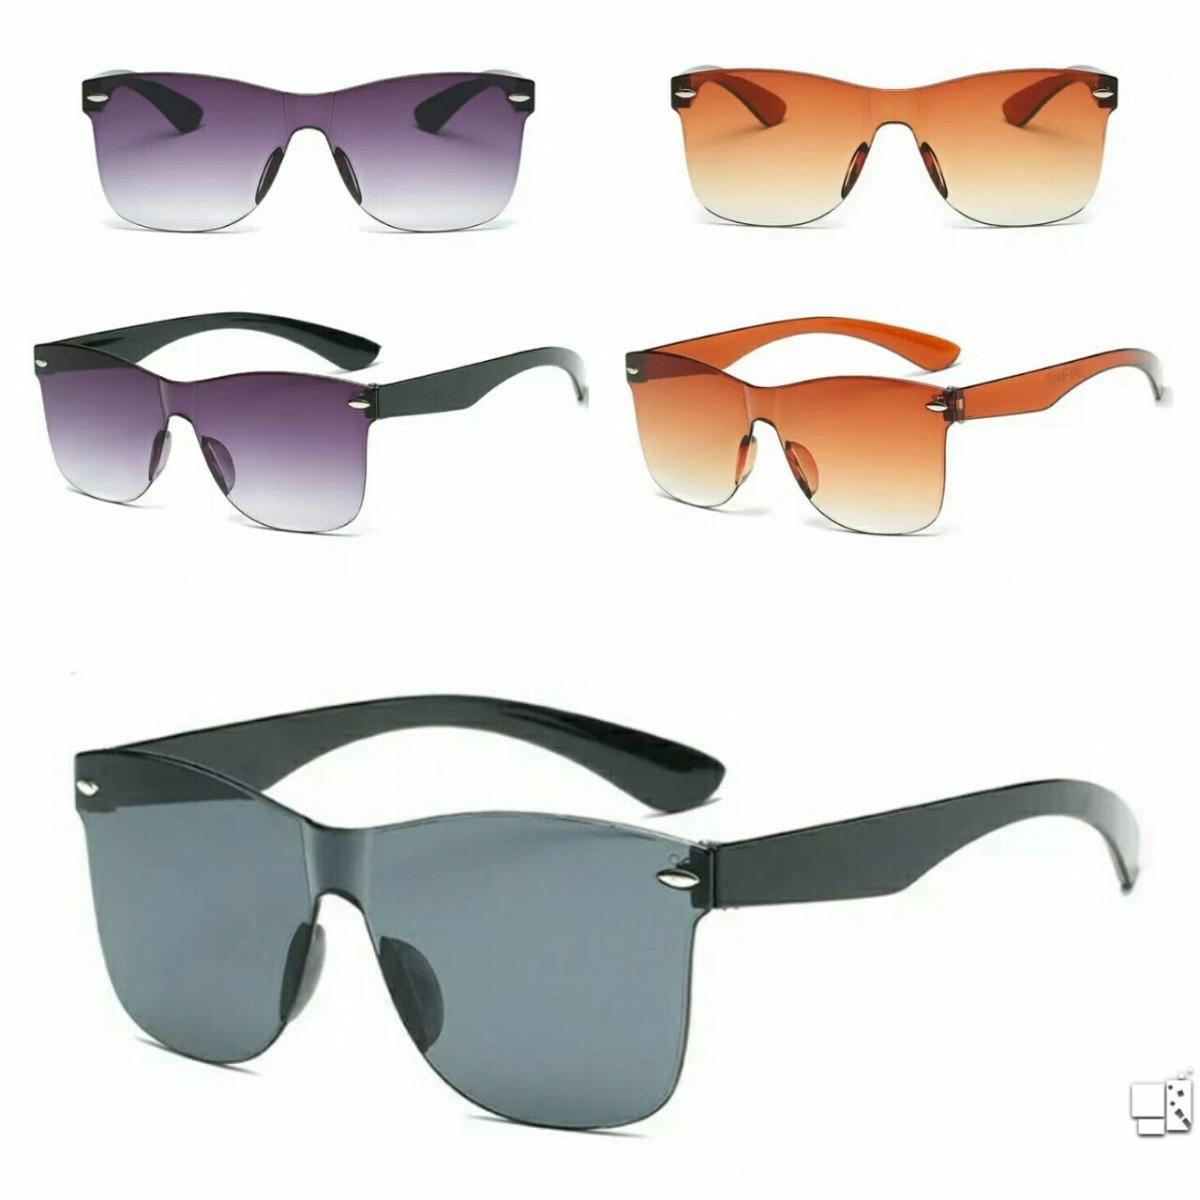 fe72b960ab81e óculos de sol espelhado masculino feminino + case + frete. Carregando zoom.